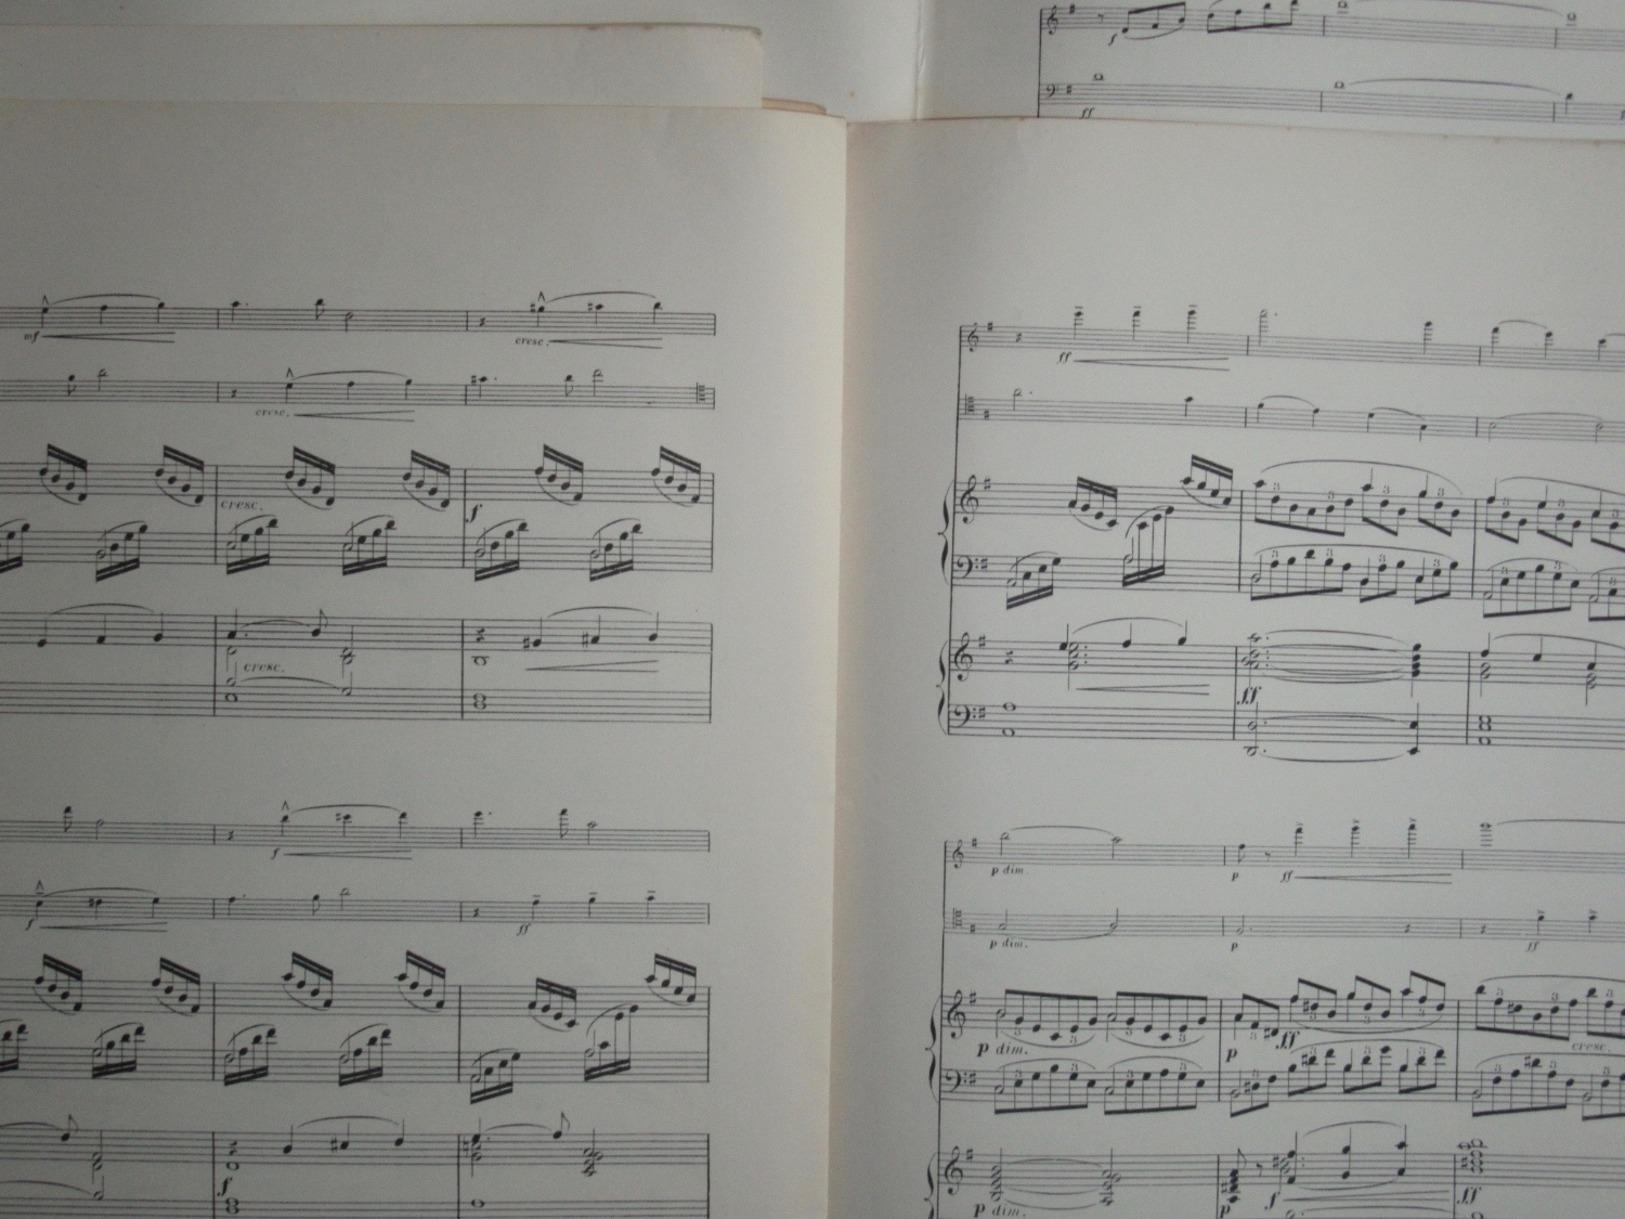 PARTITION GF ORGUE HARPE VIOLON VIOLONCELLE XAVIER LEROUX AVE MARIA 1898 HÉGLON - Classical